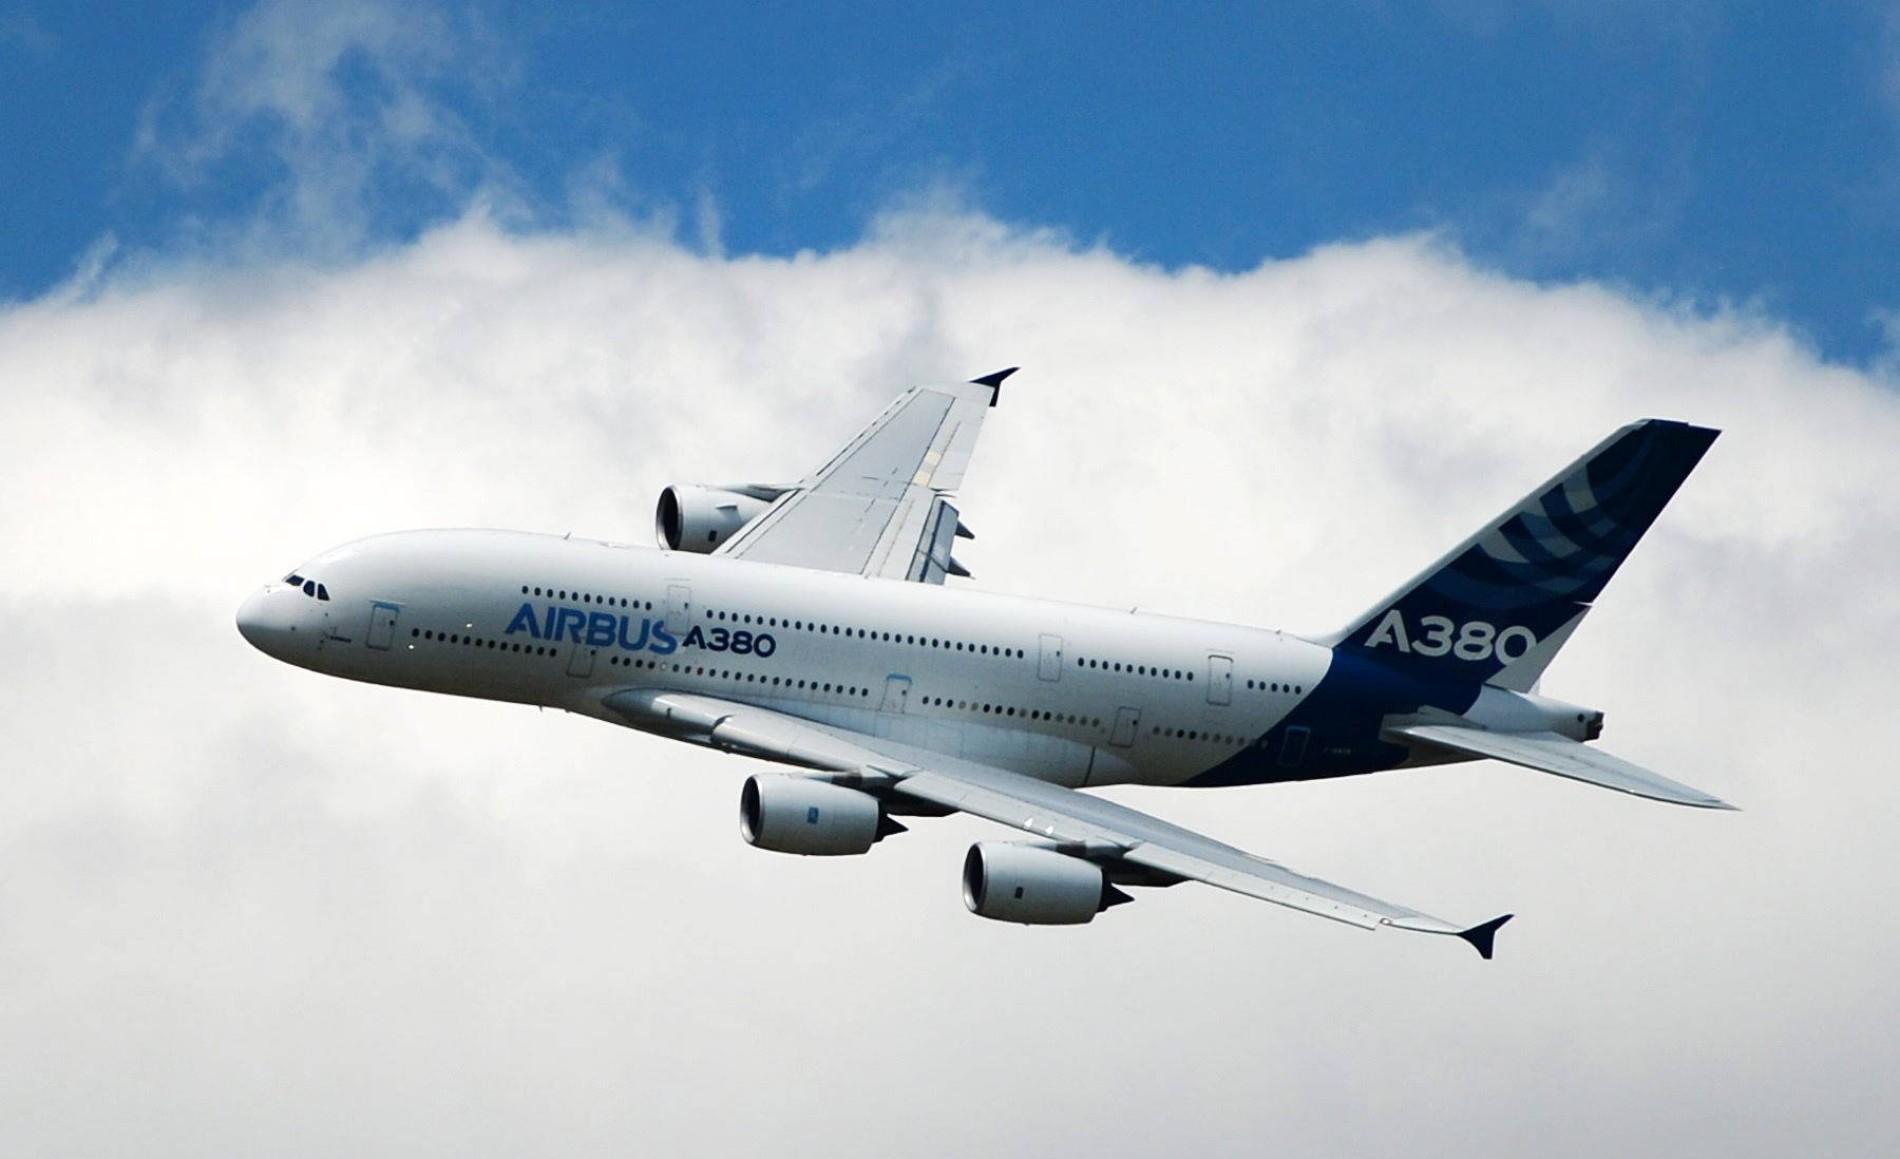 A380 eingestellt